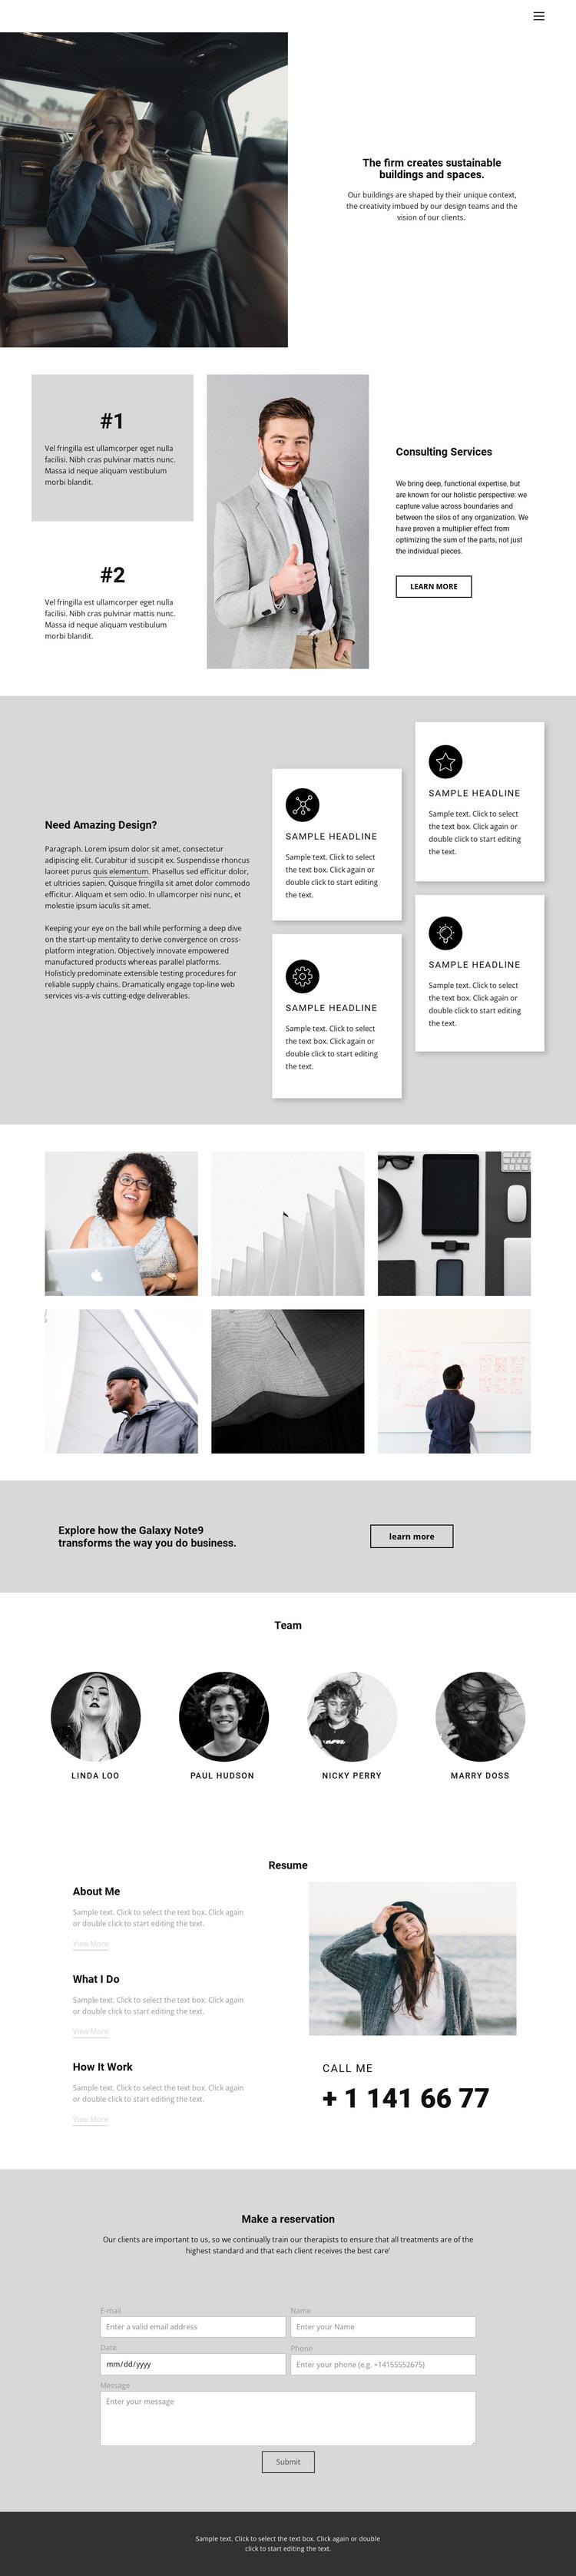 School of Successful Business Web Design